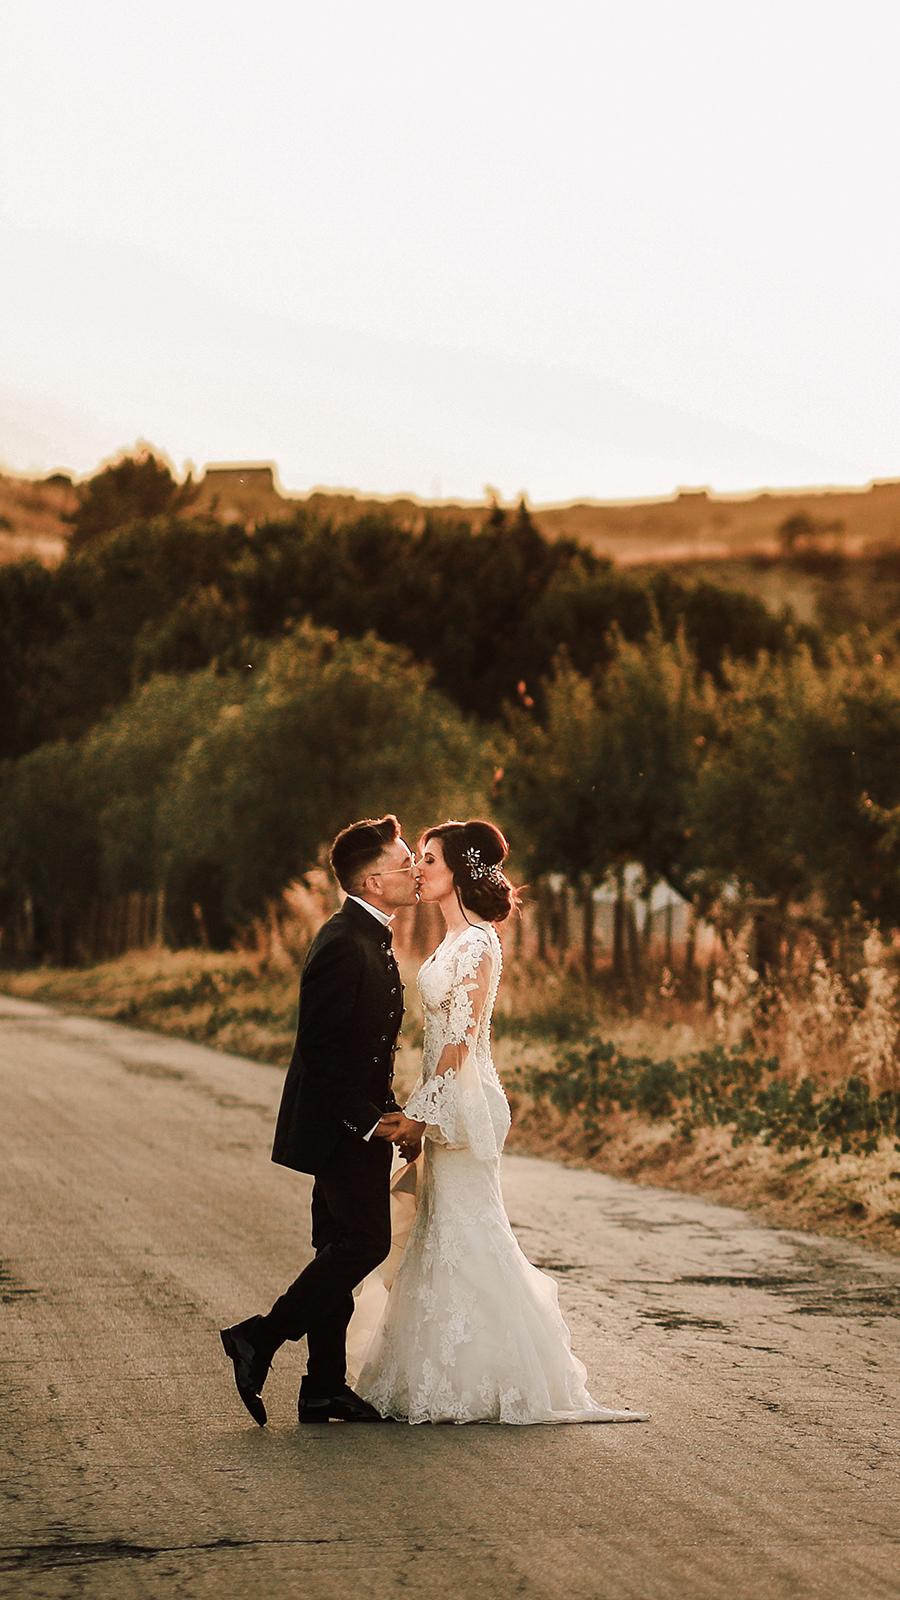 foto sposi che si baciano